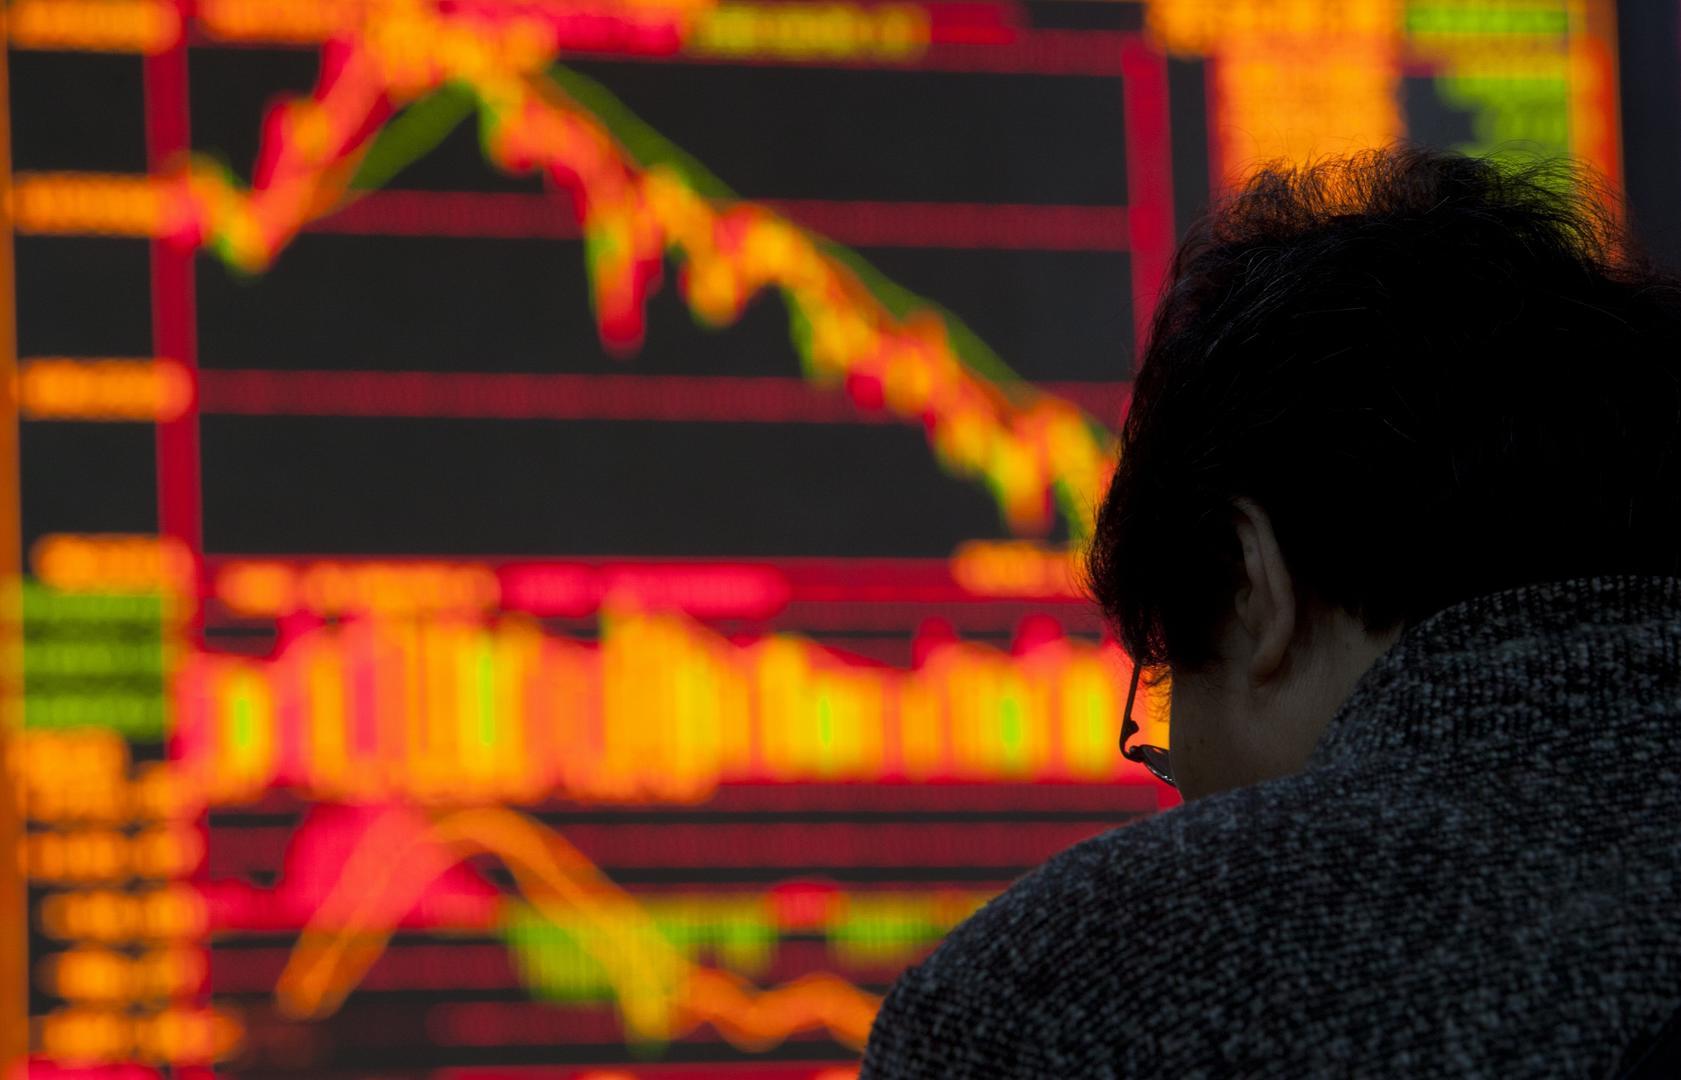 破净股创新高,市场炒底机会来了吗?